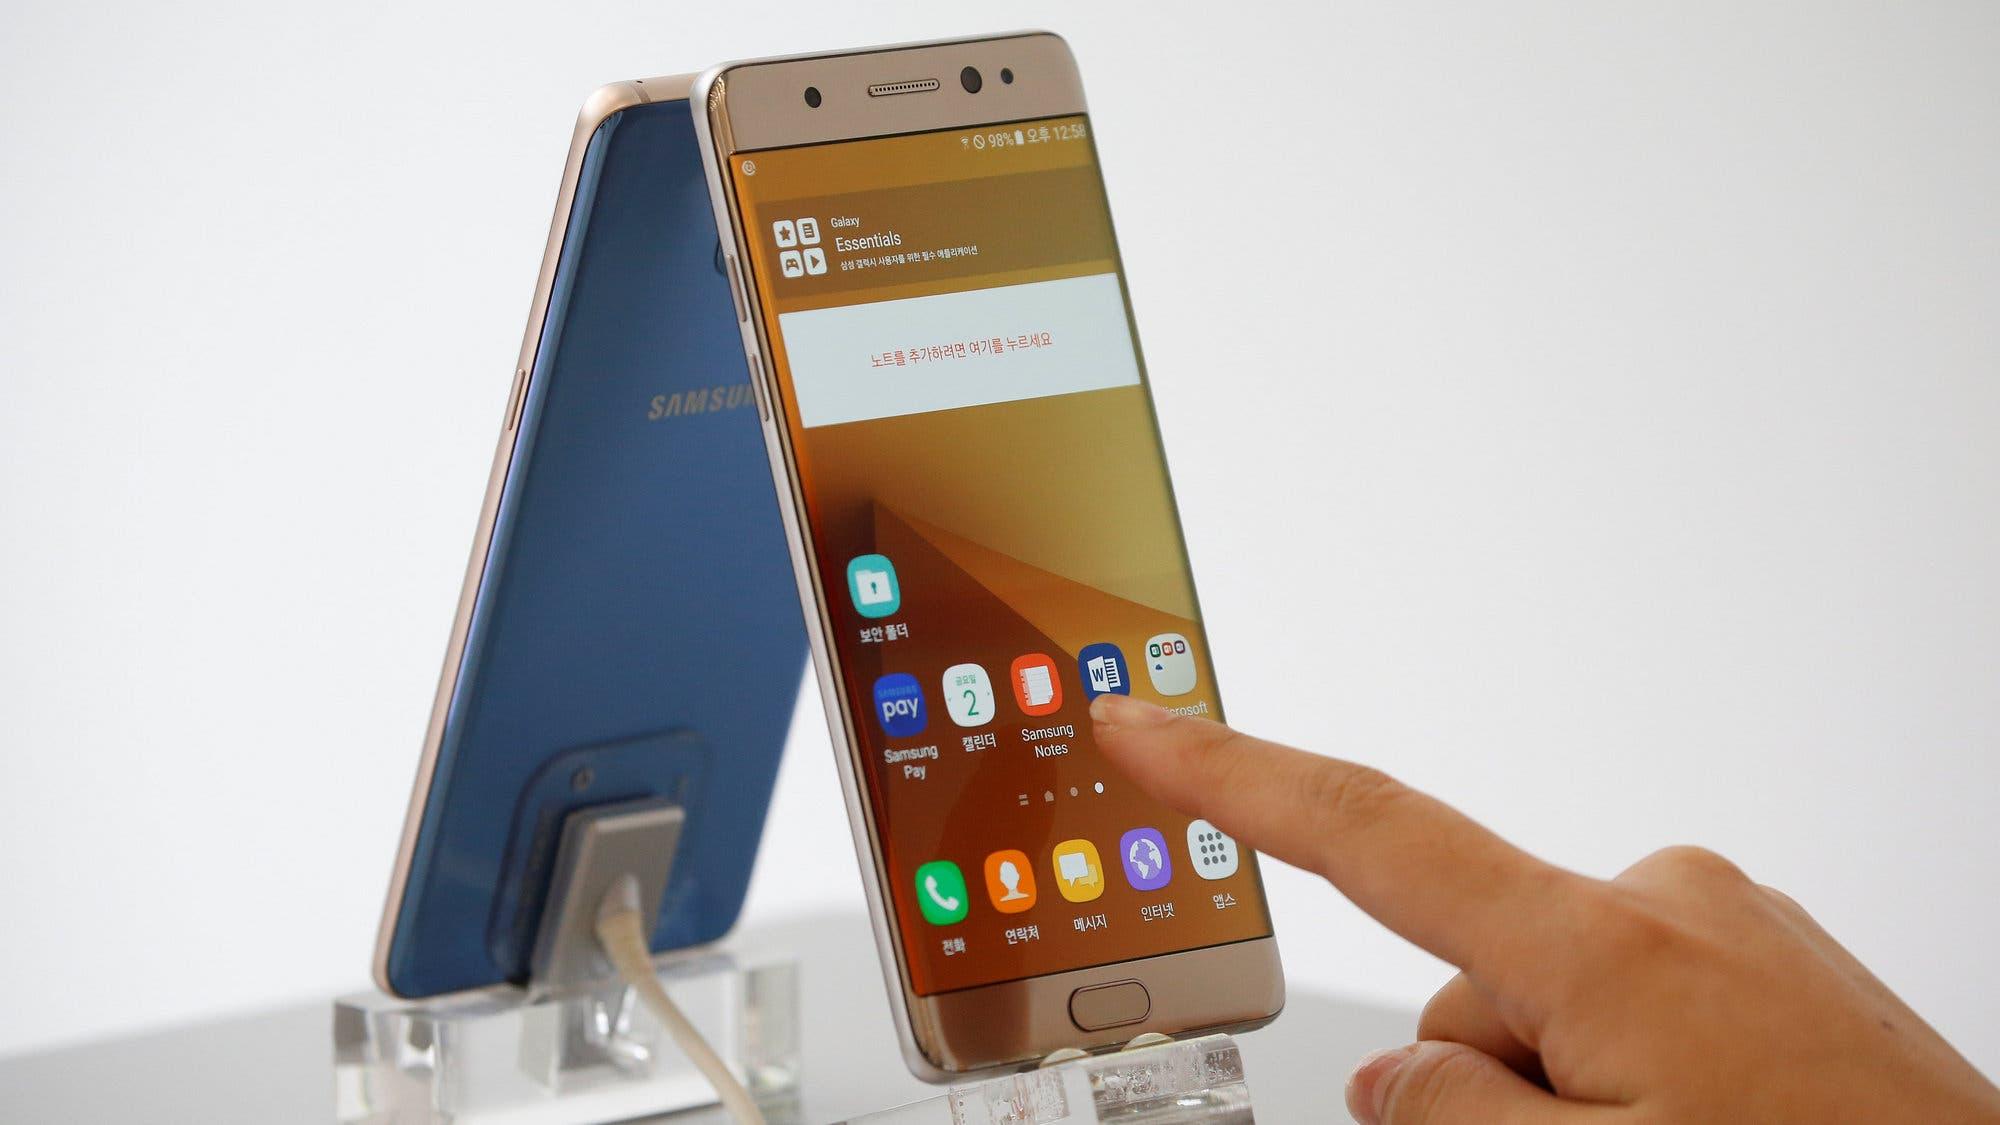 18be1bd954b La batería del Galaxy Note 7, una fuente interminable de problemas para  Samsung - LA NACION